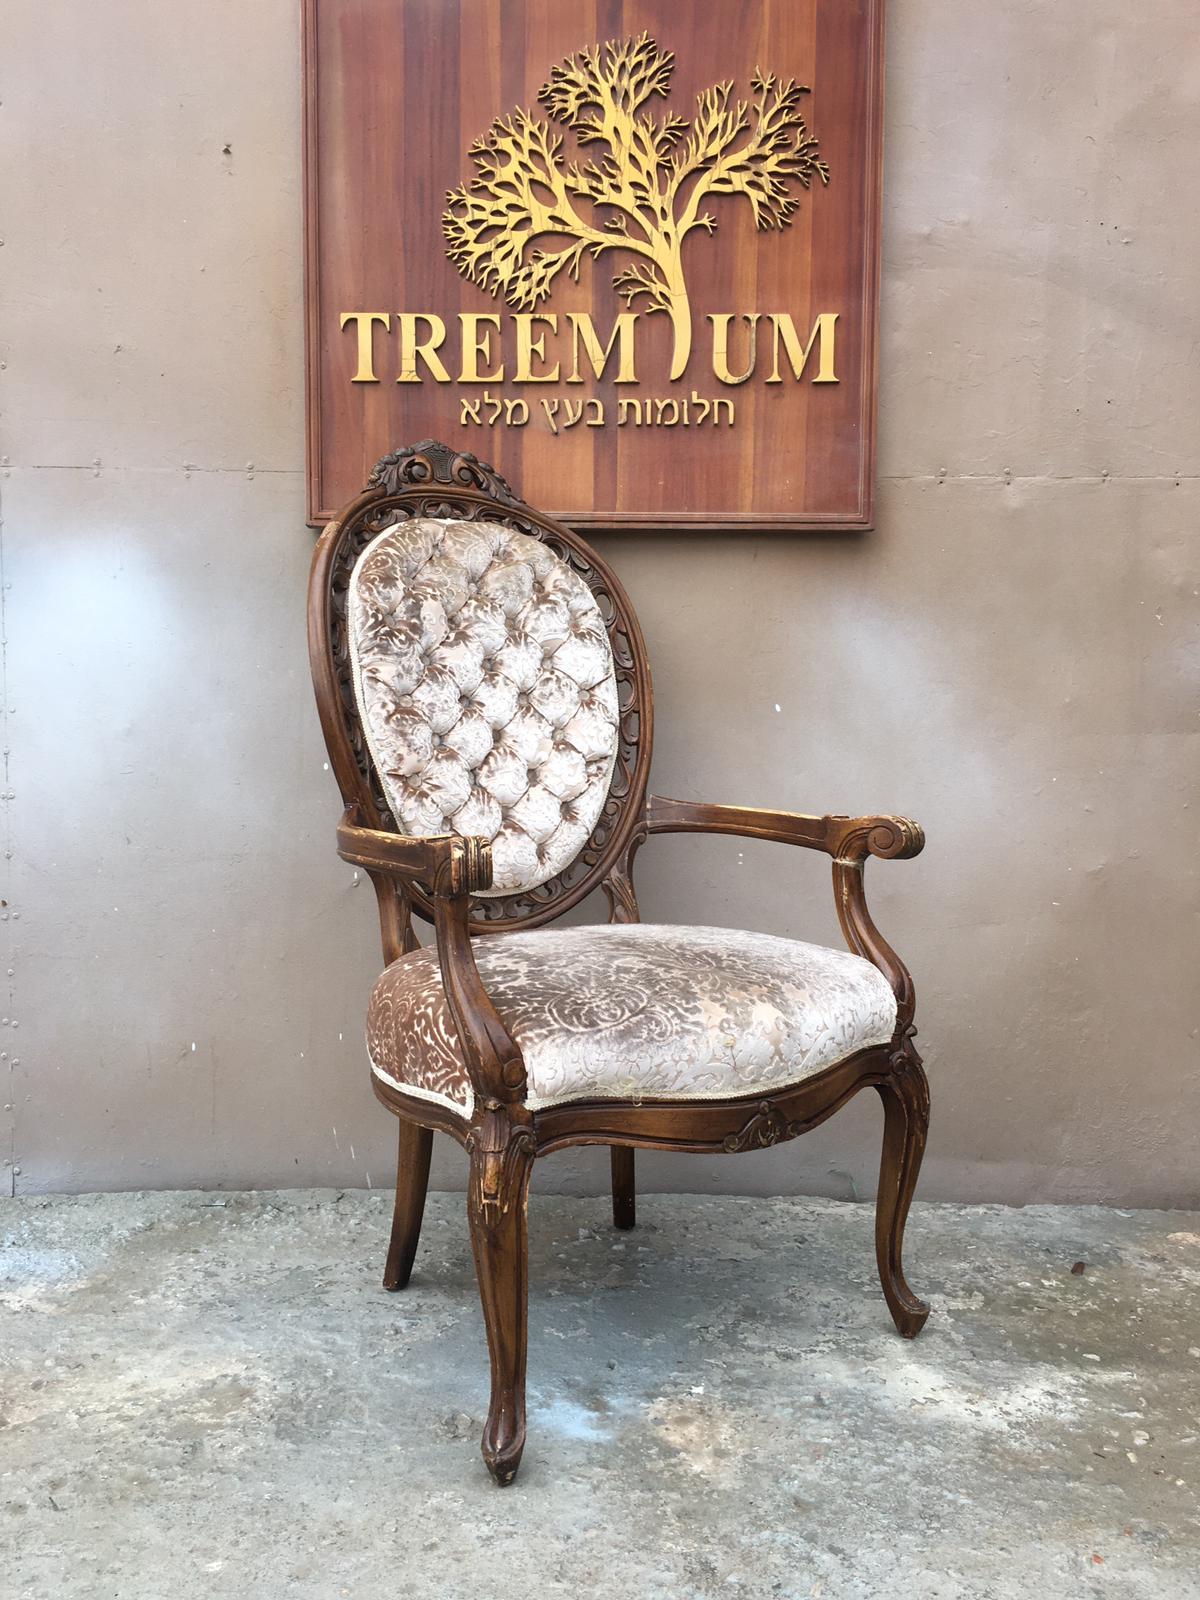 crs-5060 treemium